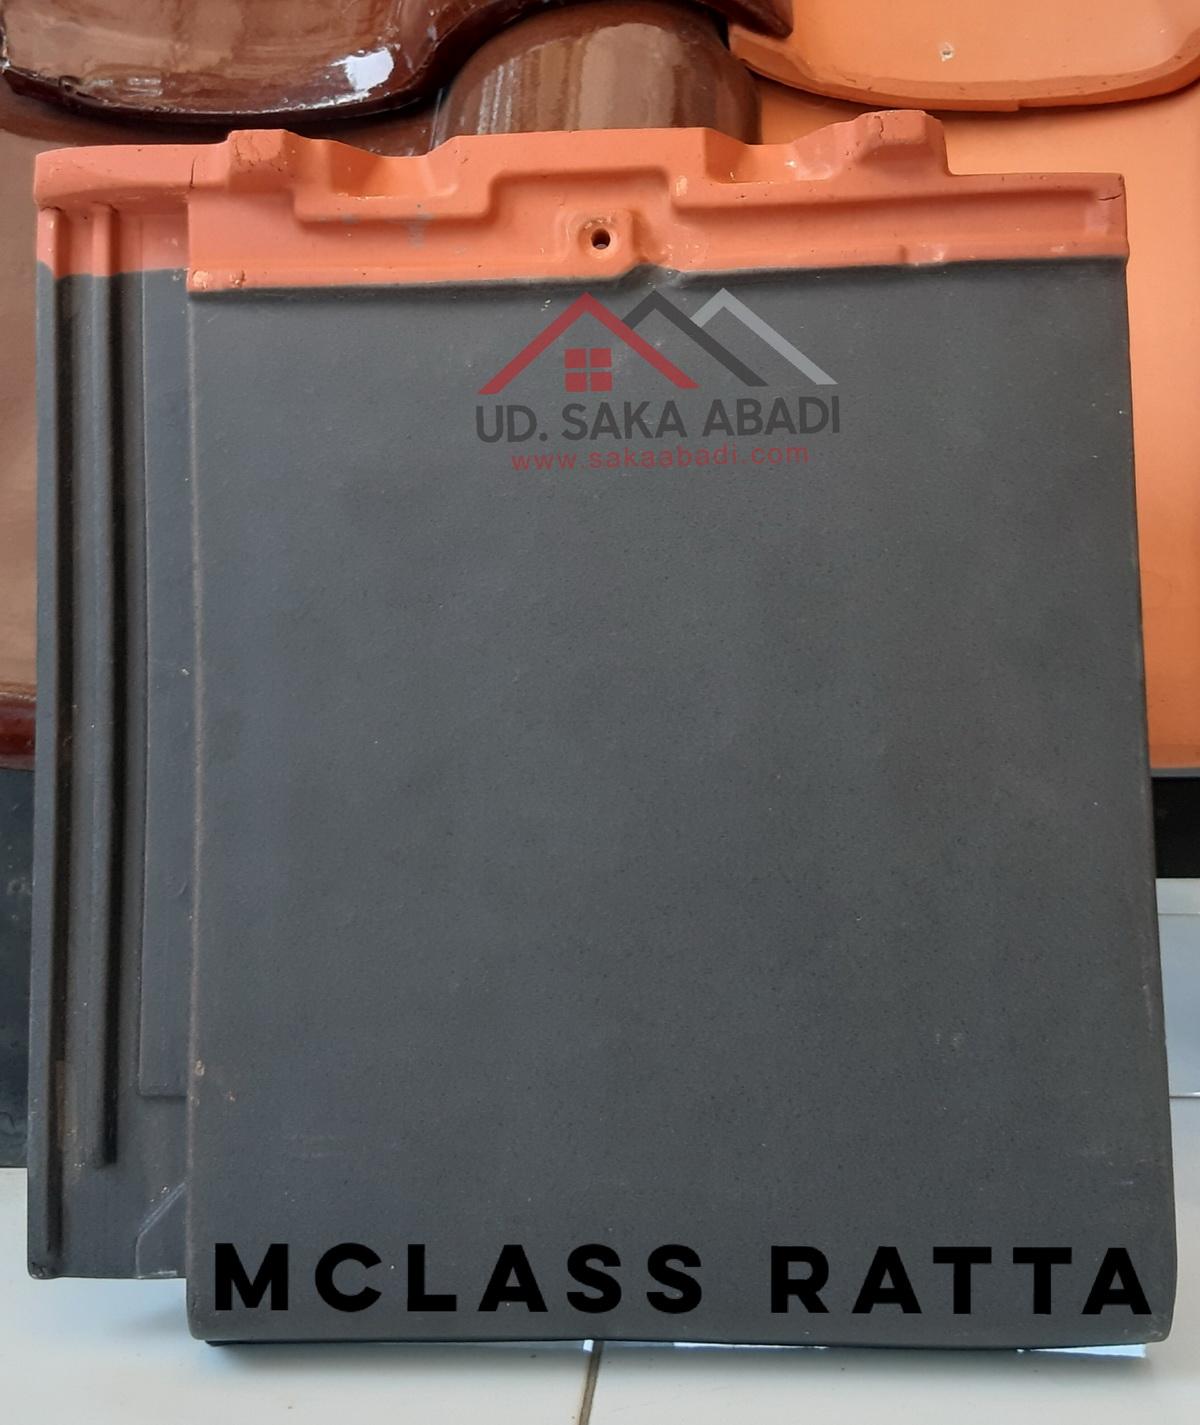 genteng flat mclass ratta